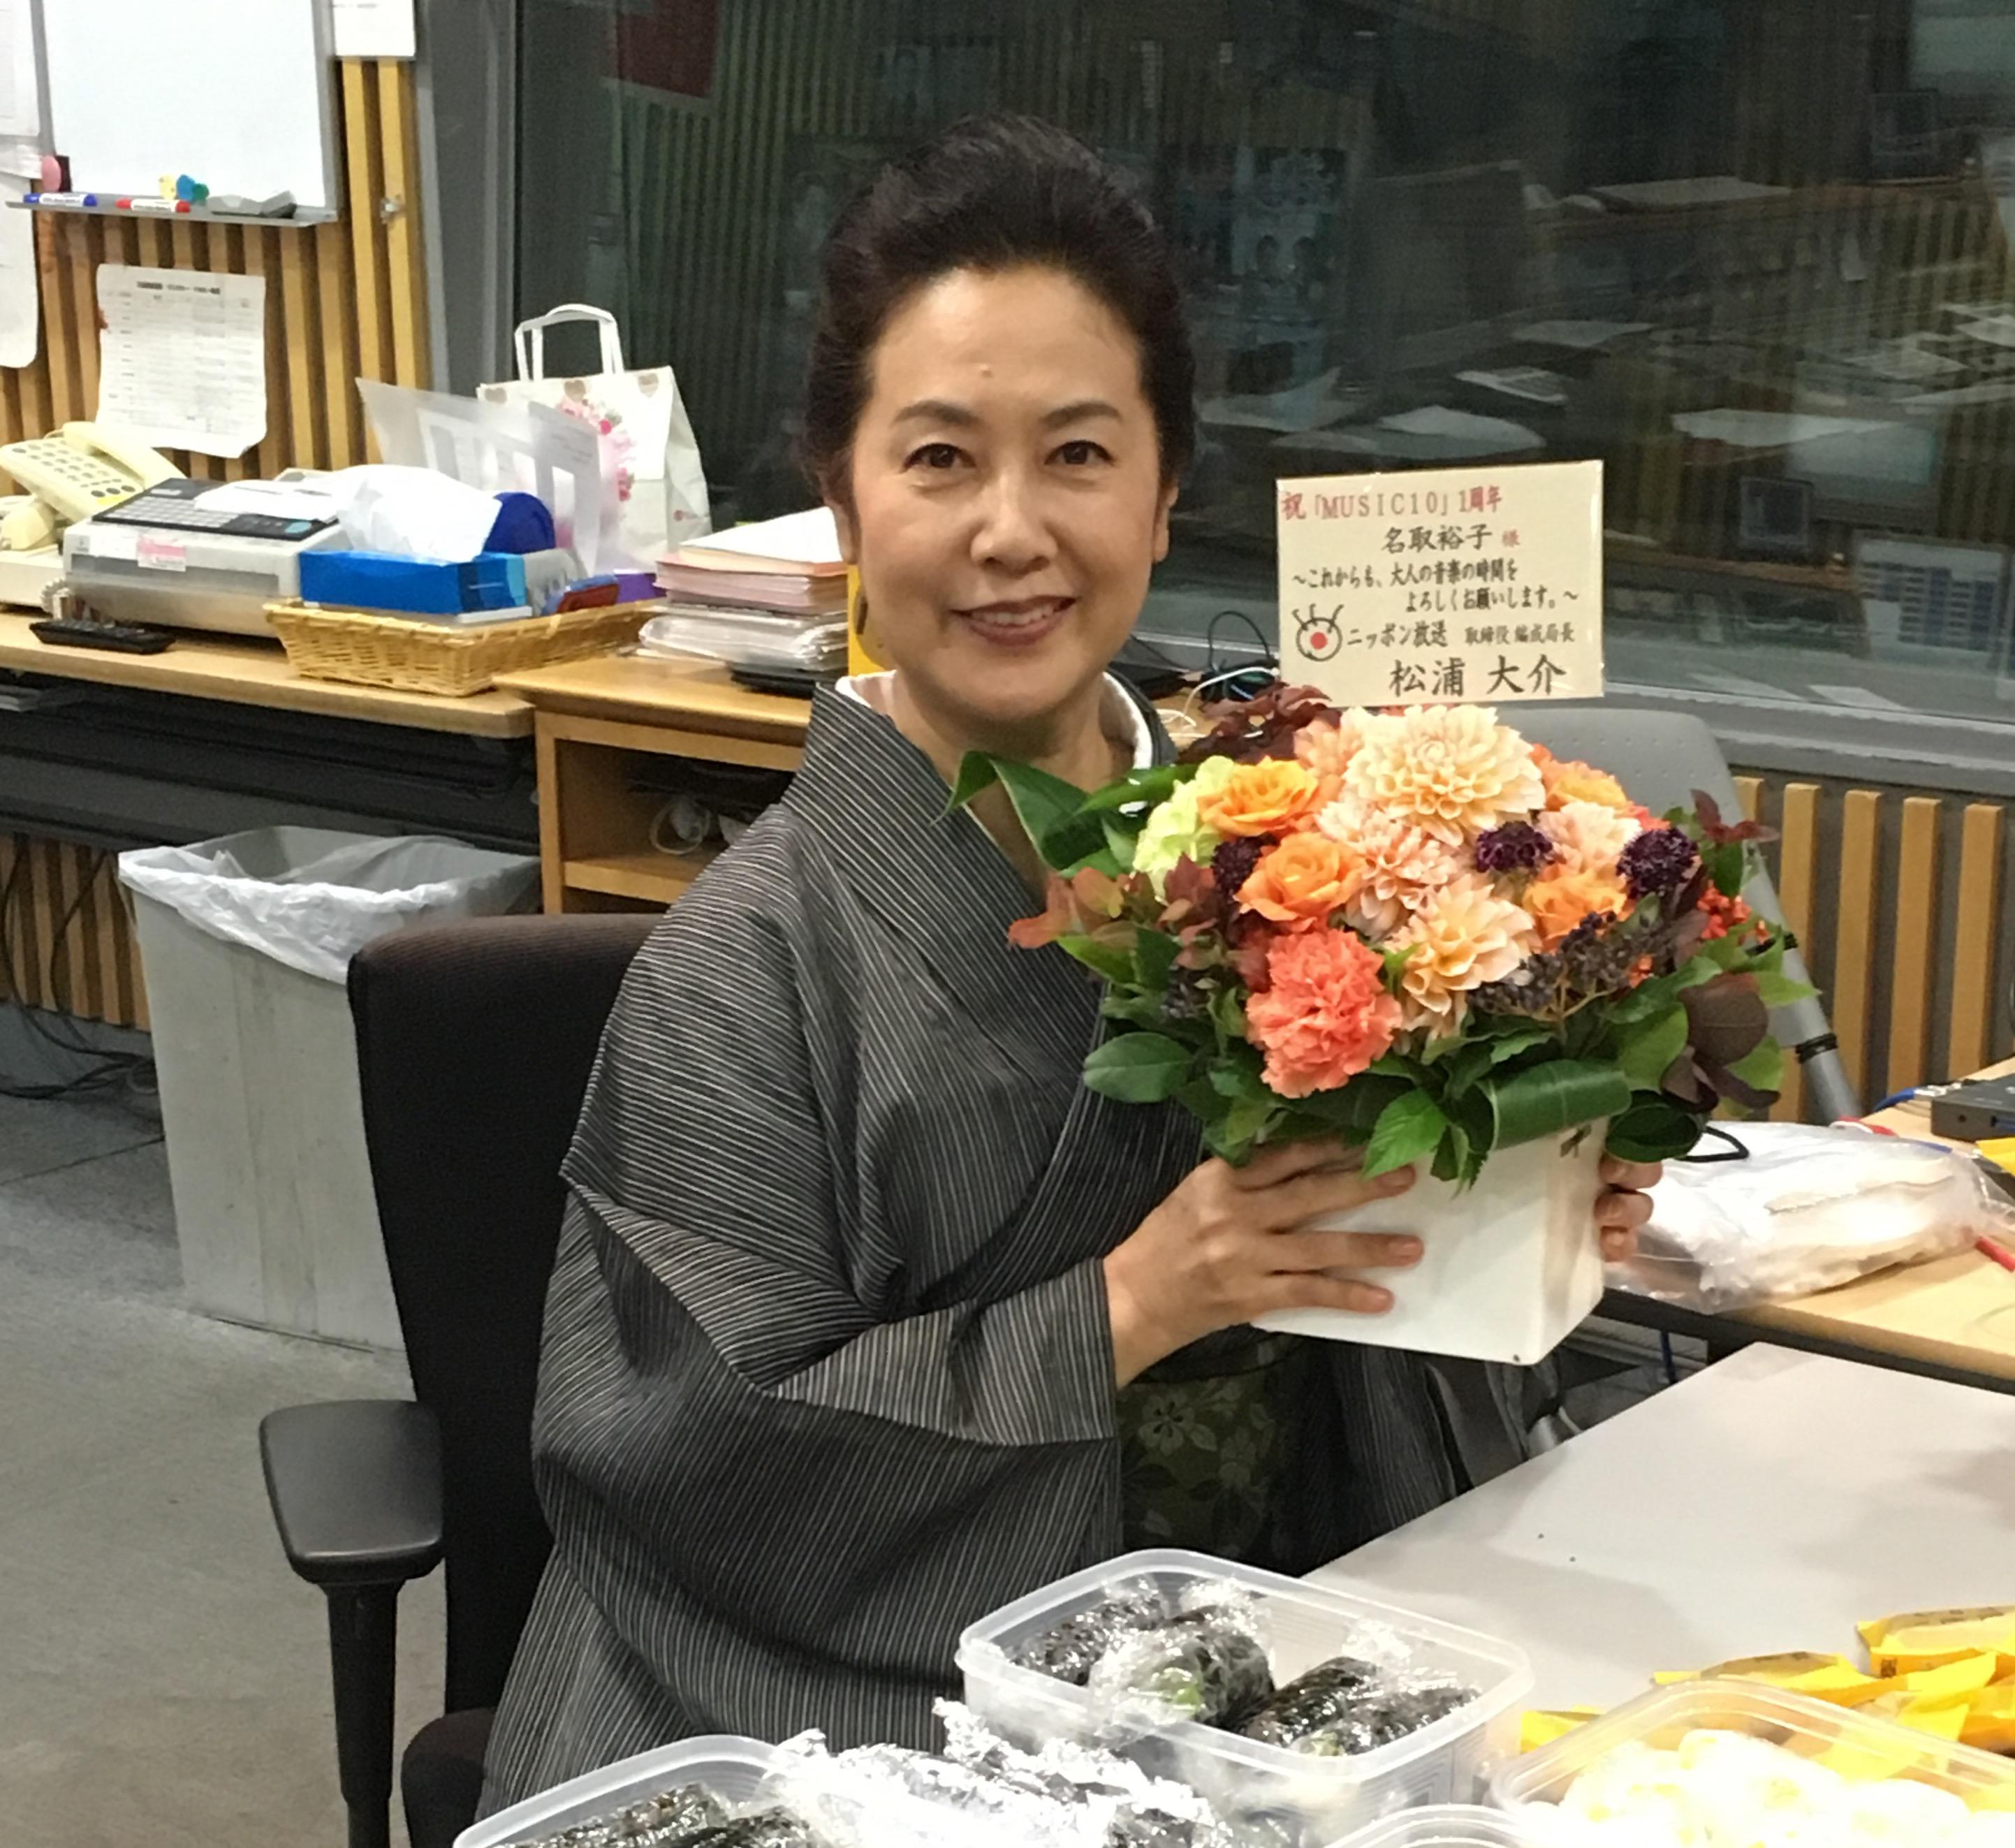 スタジオに届いたお祝いの花を手に持つ名取裕子